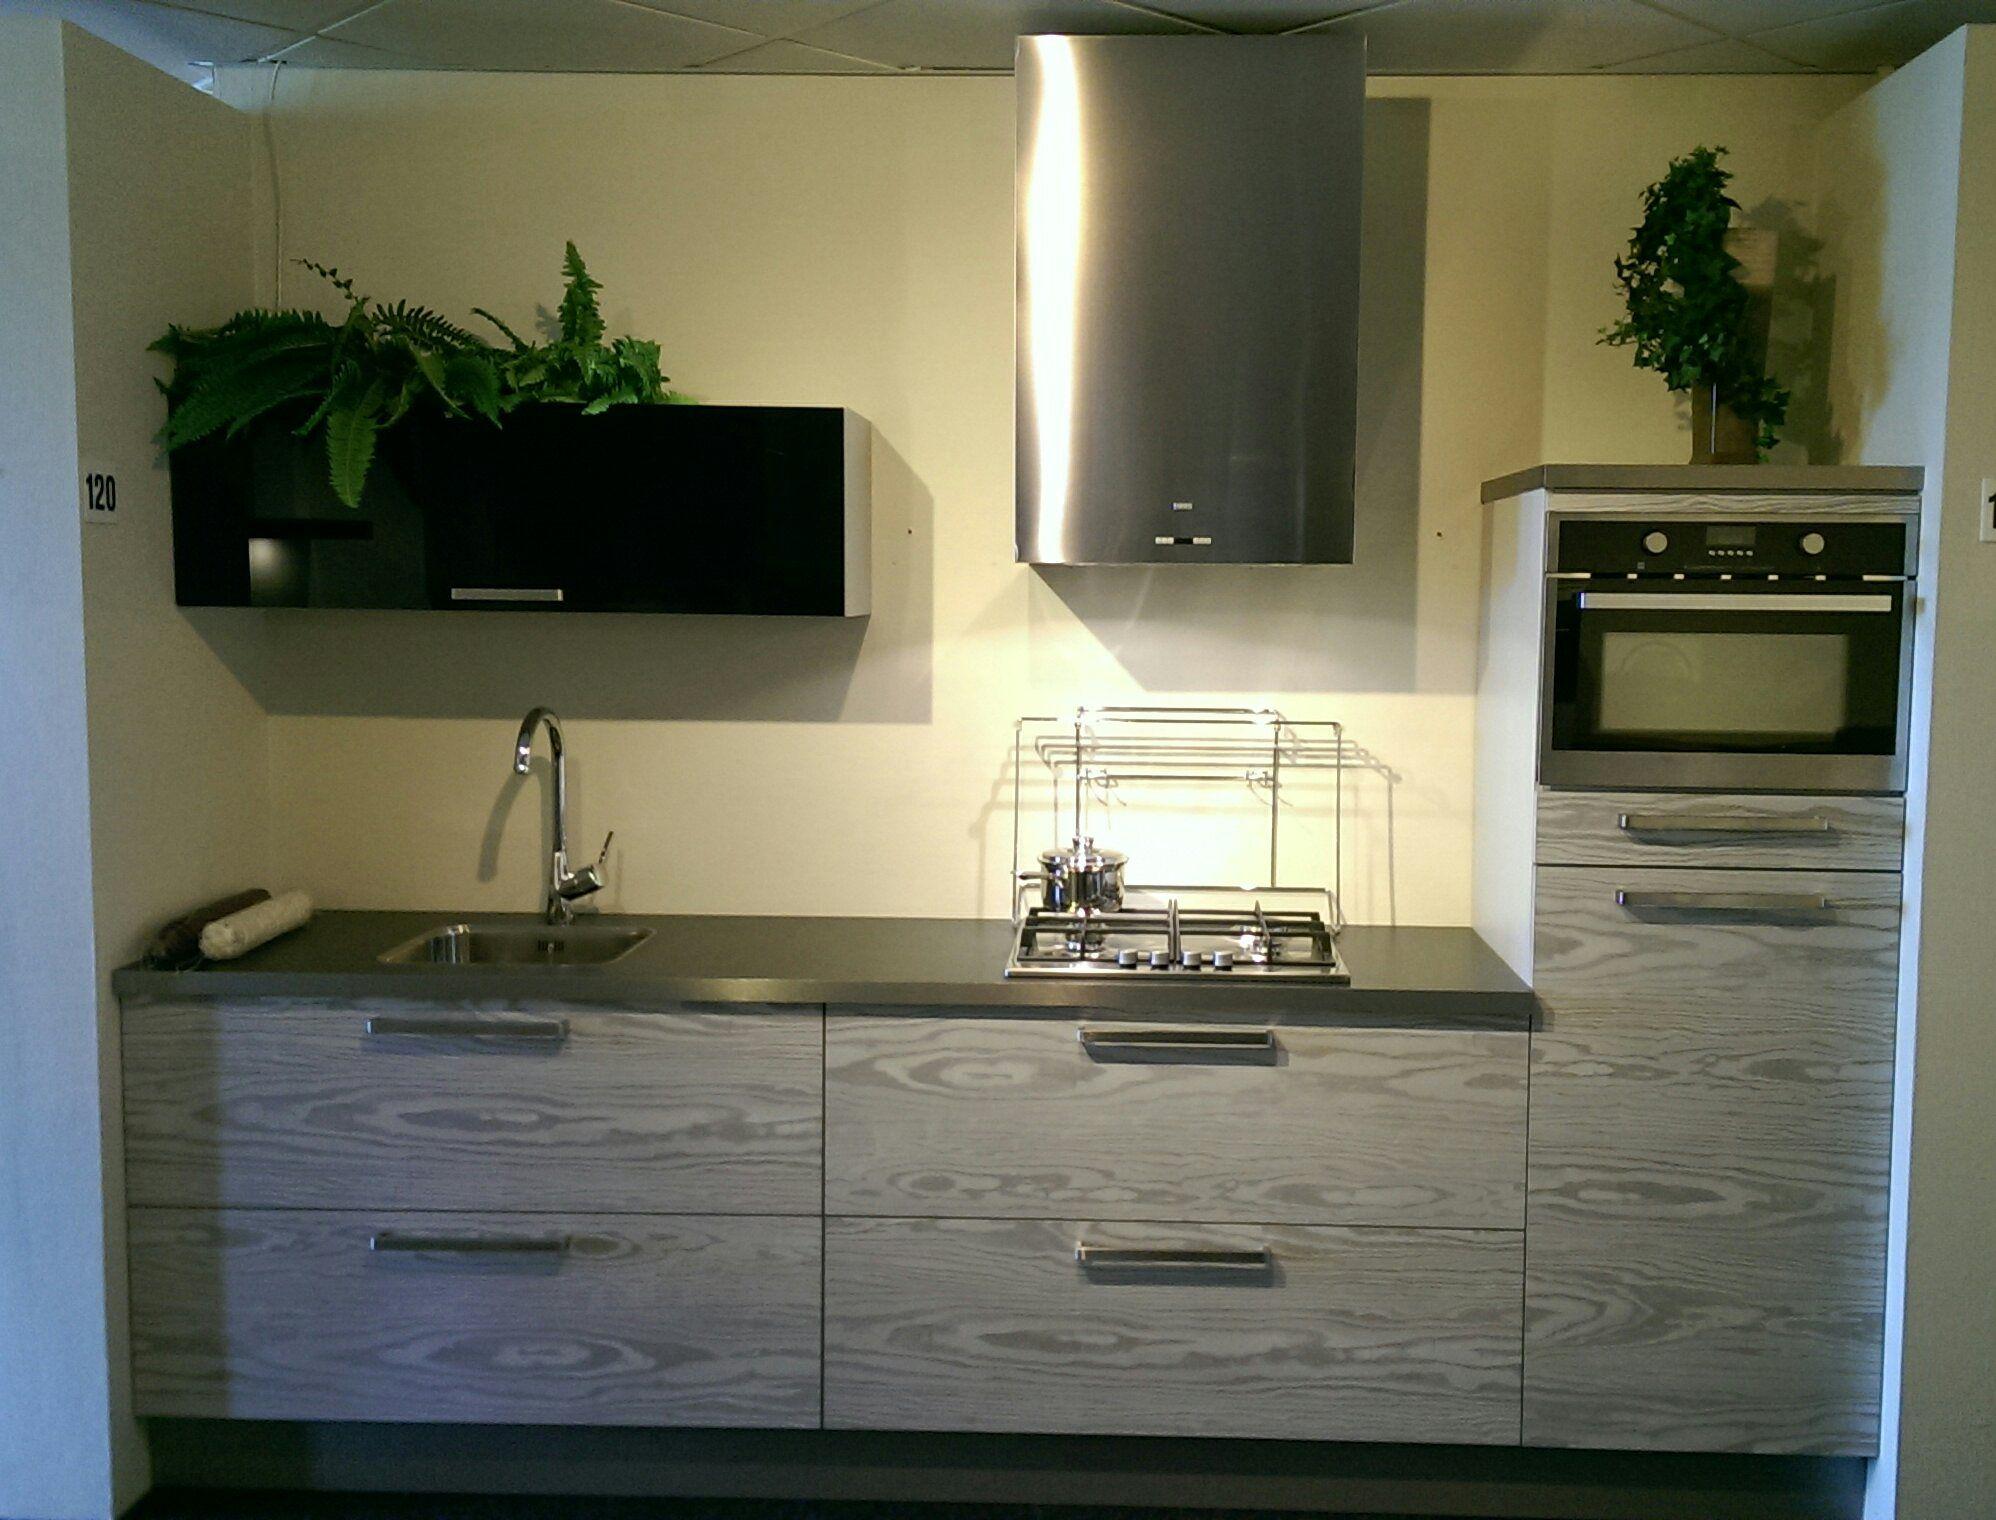 Keuken Modern Kleine : L keuken met bar perfect brugmans keuken inrichting decoratie en